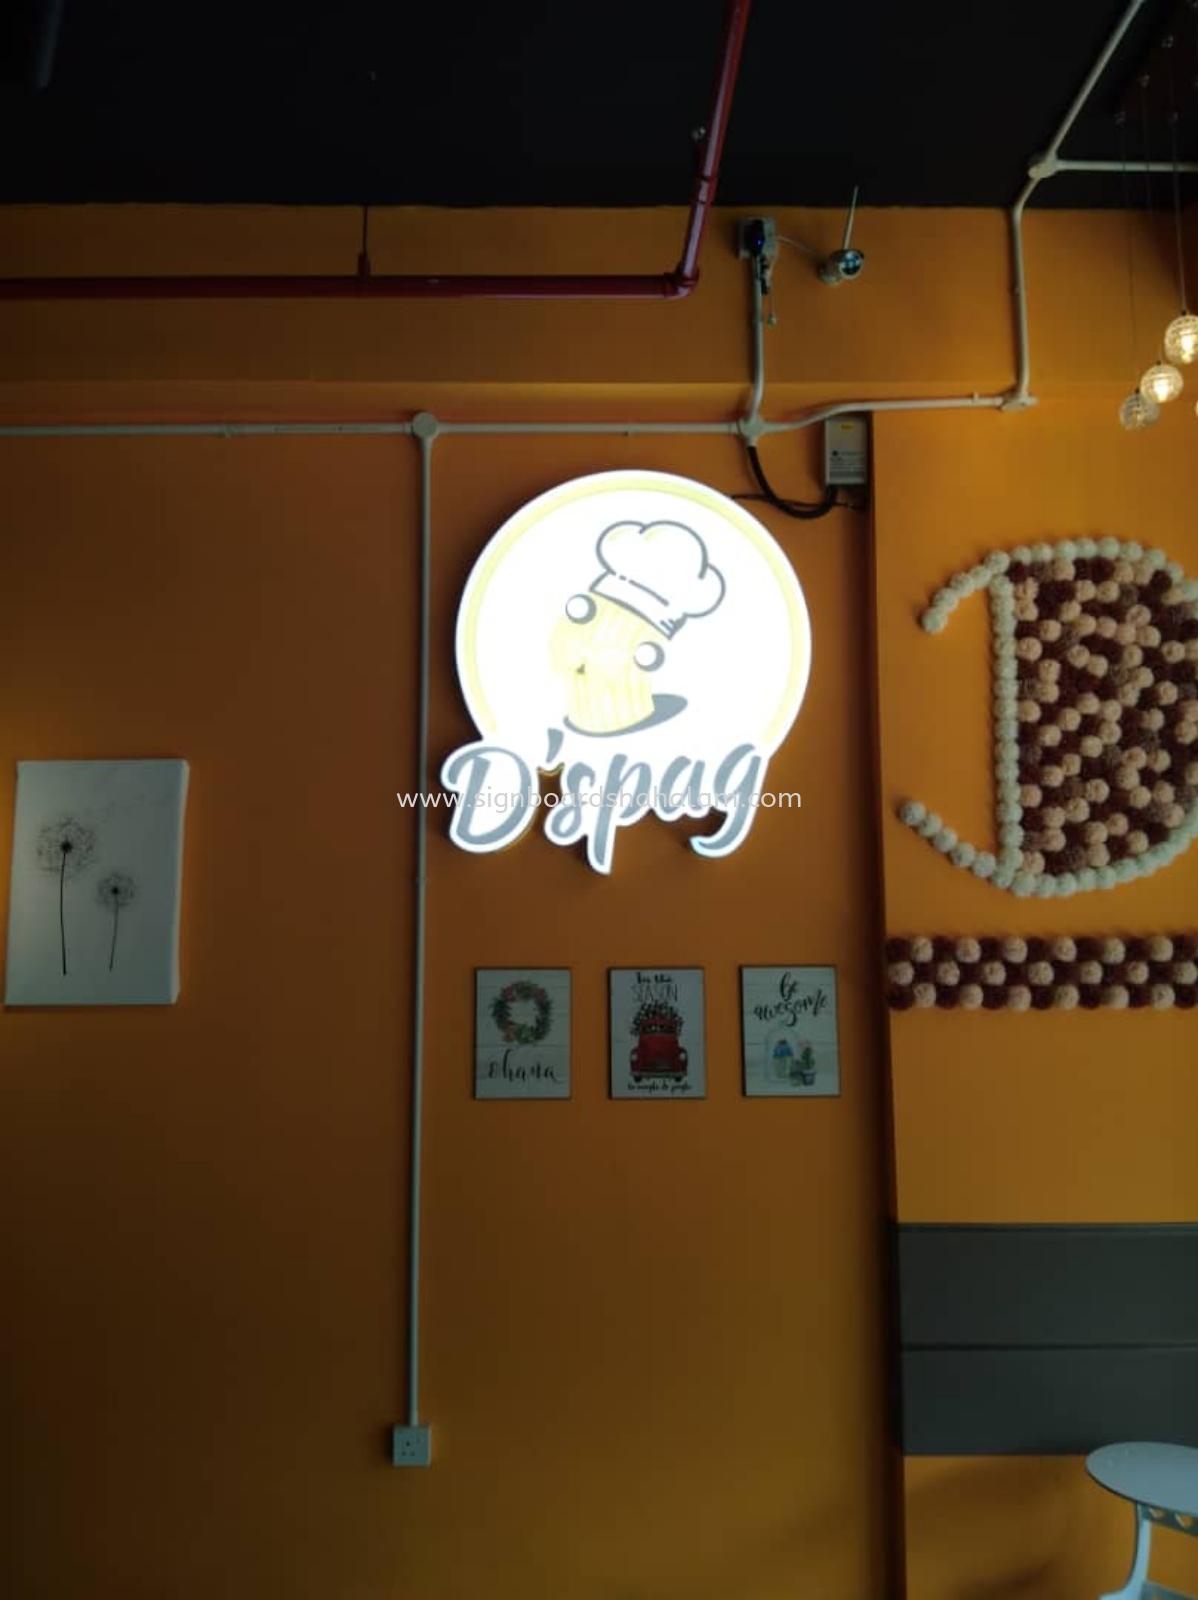 DSPAG Cafe Enterprise KL - 3D LED Box Up Signboard - Frontlit